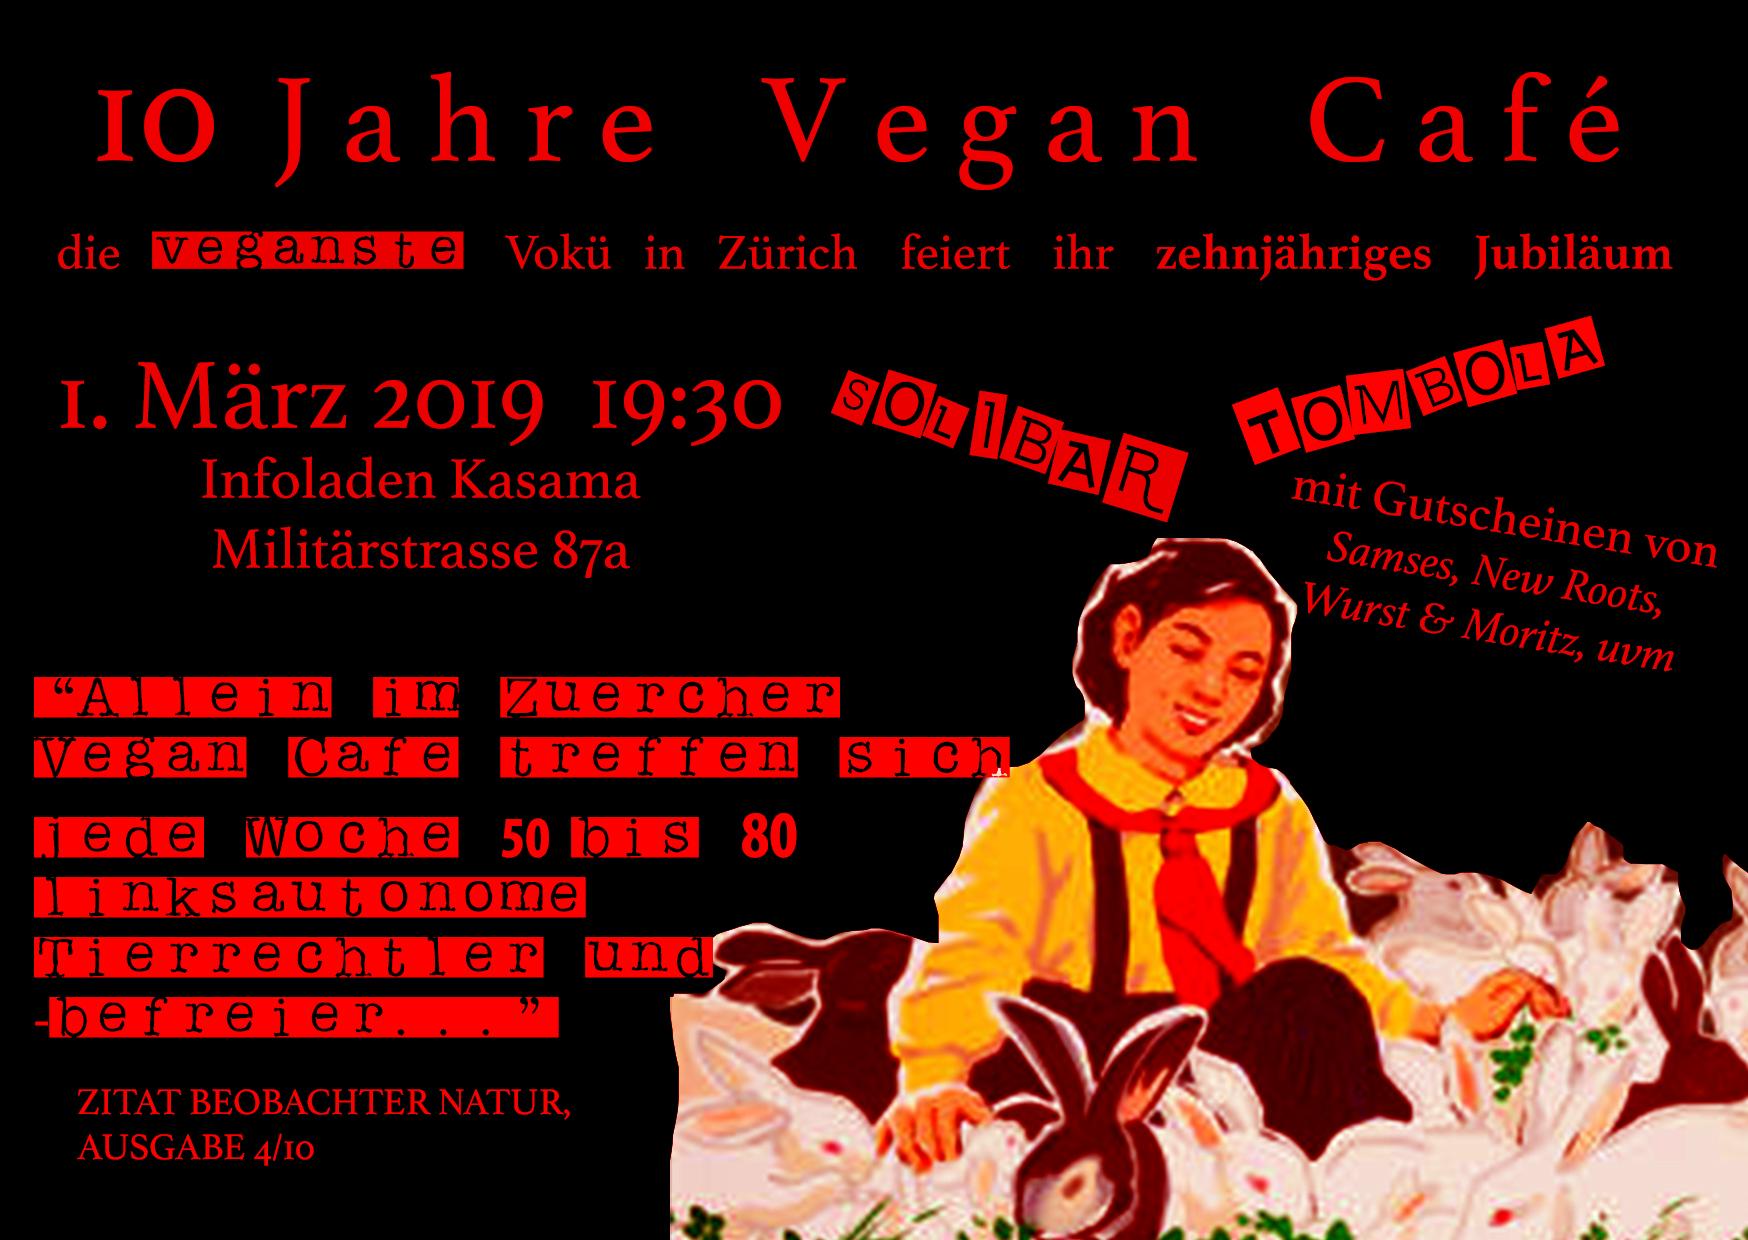 Vegan Cafe Zürich 10 Jahre Kasama